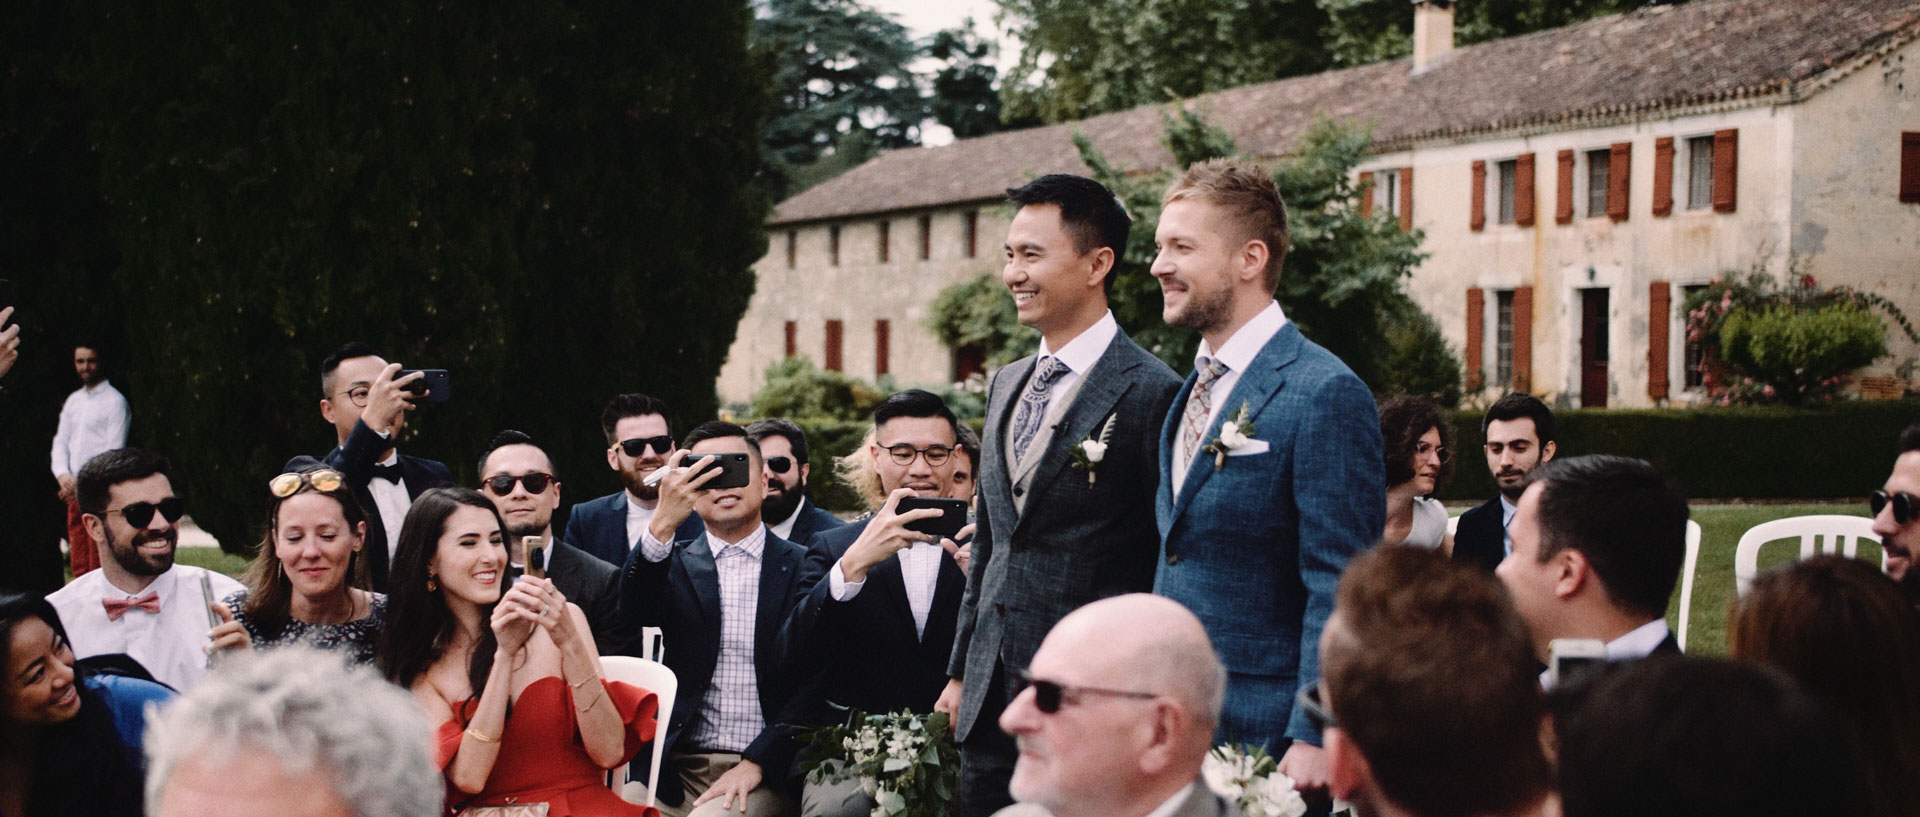 Sam-&-David---Wedding-Film.00_00_41_03.jpg